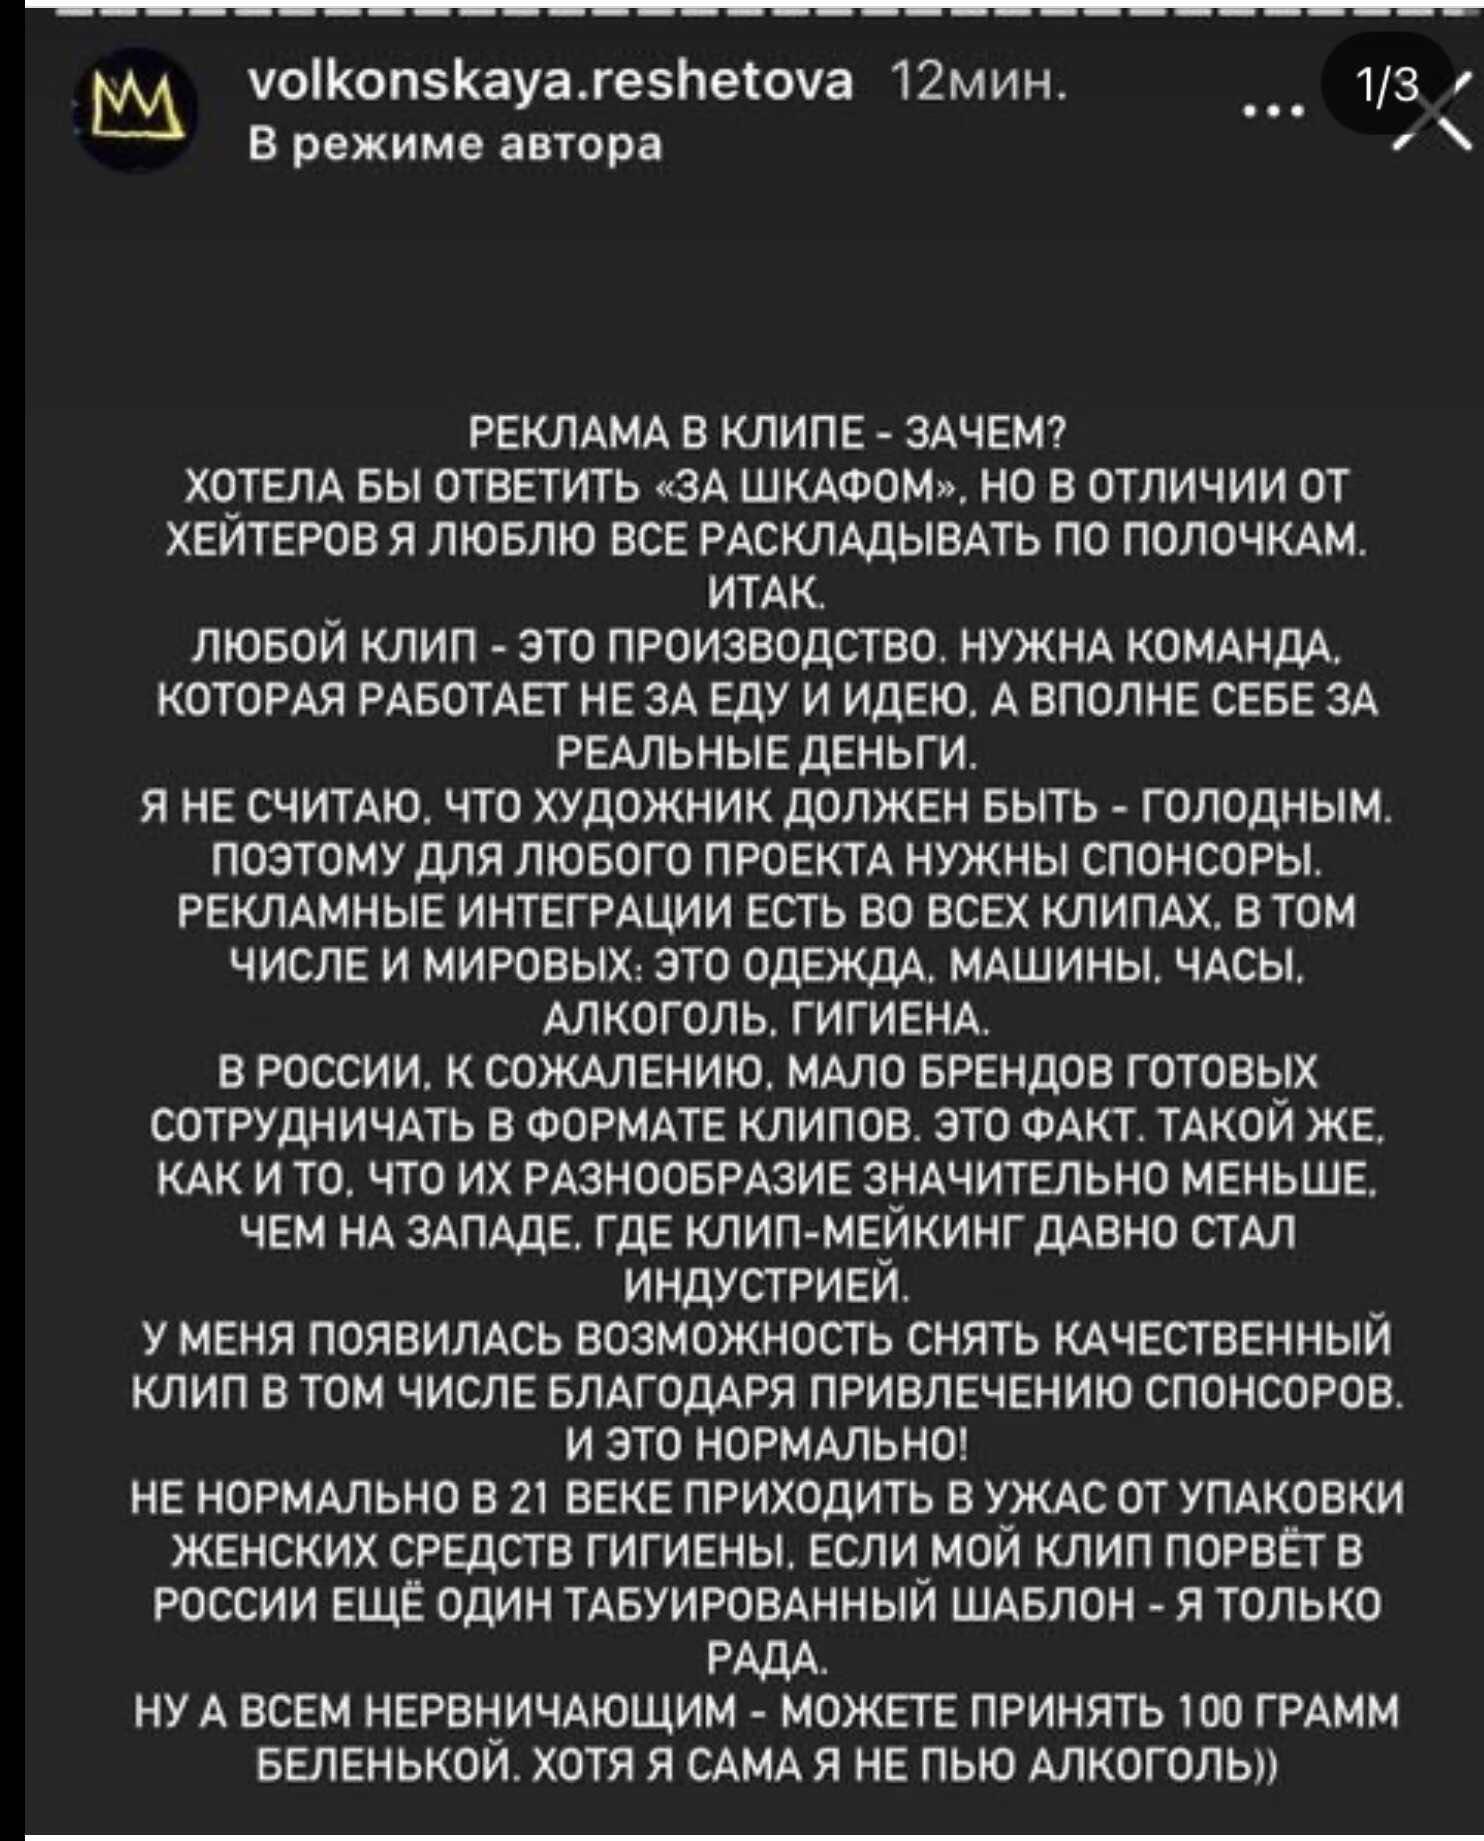 Анастасия Решетова объяснила, почему в своём новом клипе пьёт водку и демонстрирует тампоны